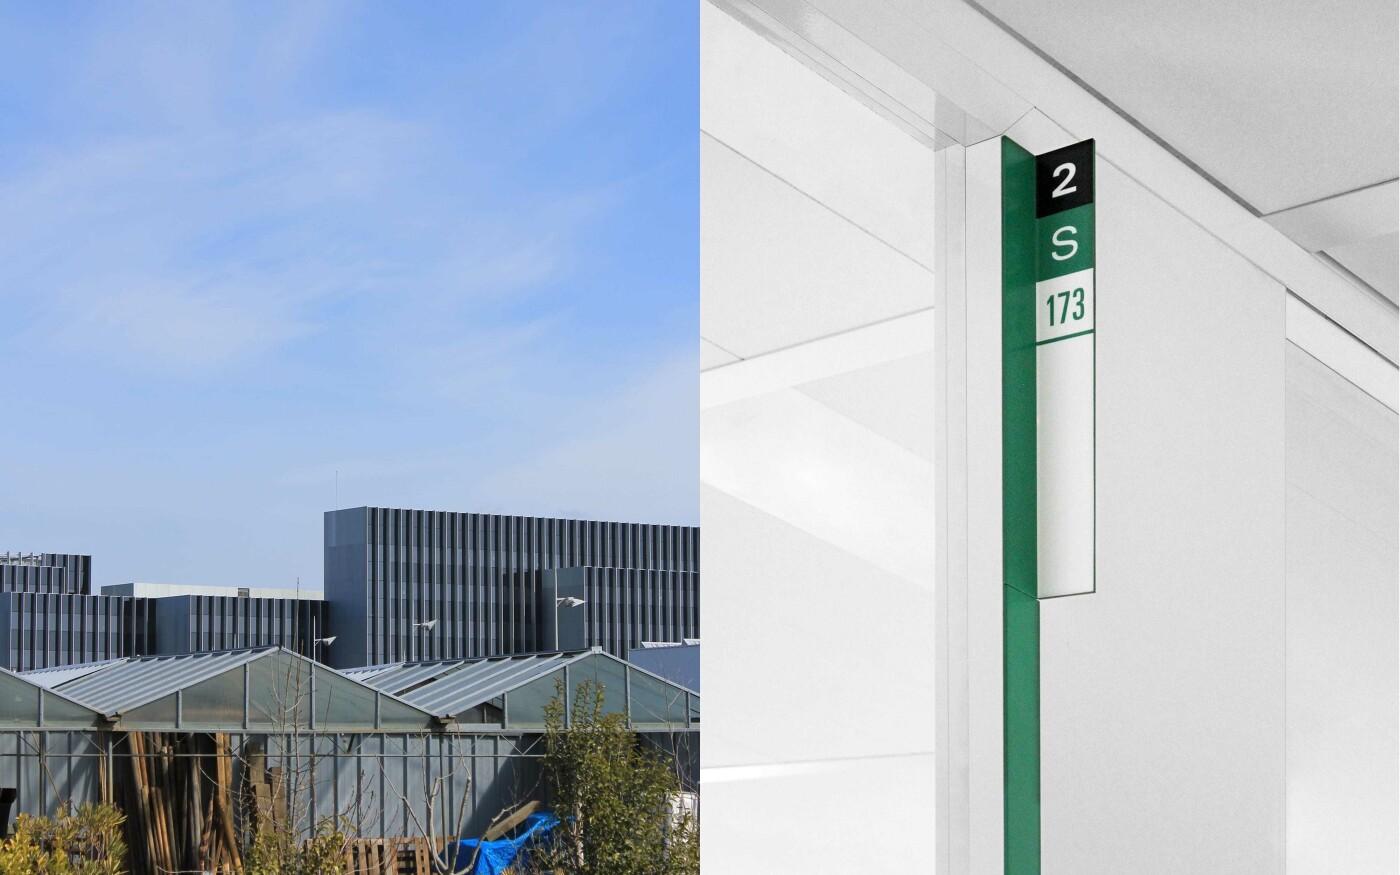 Signalétique d'un immeuble de bureaux